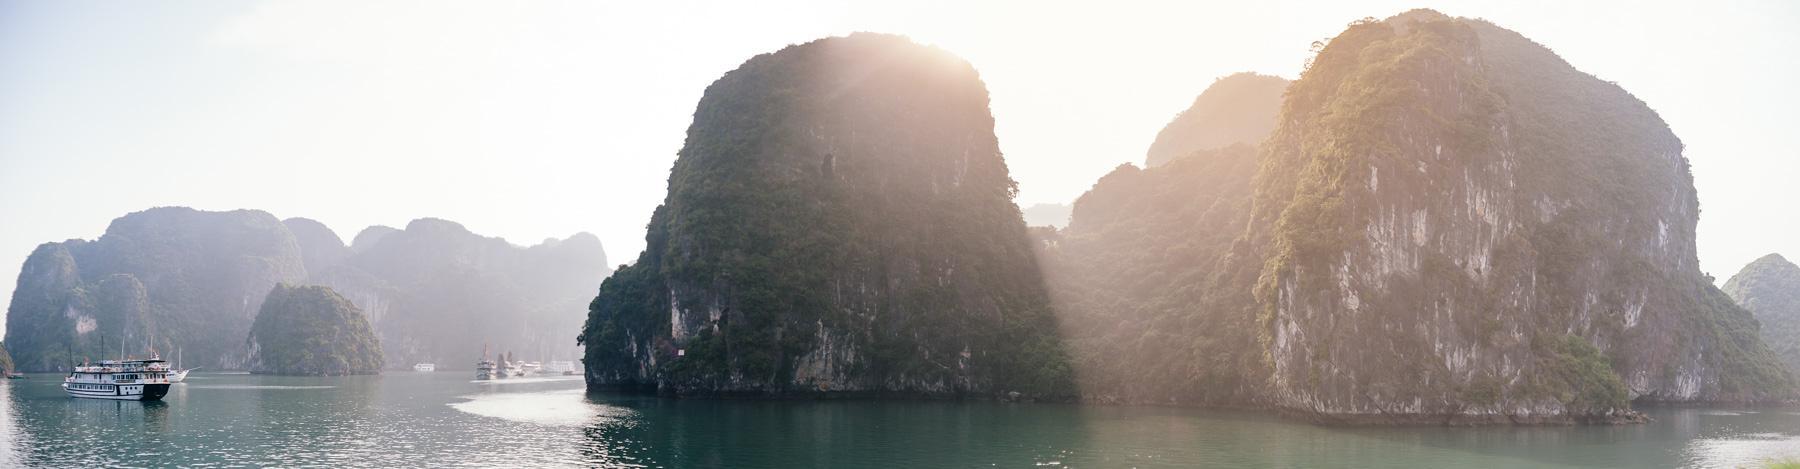 vietnam-tailandia16